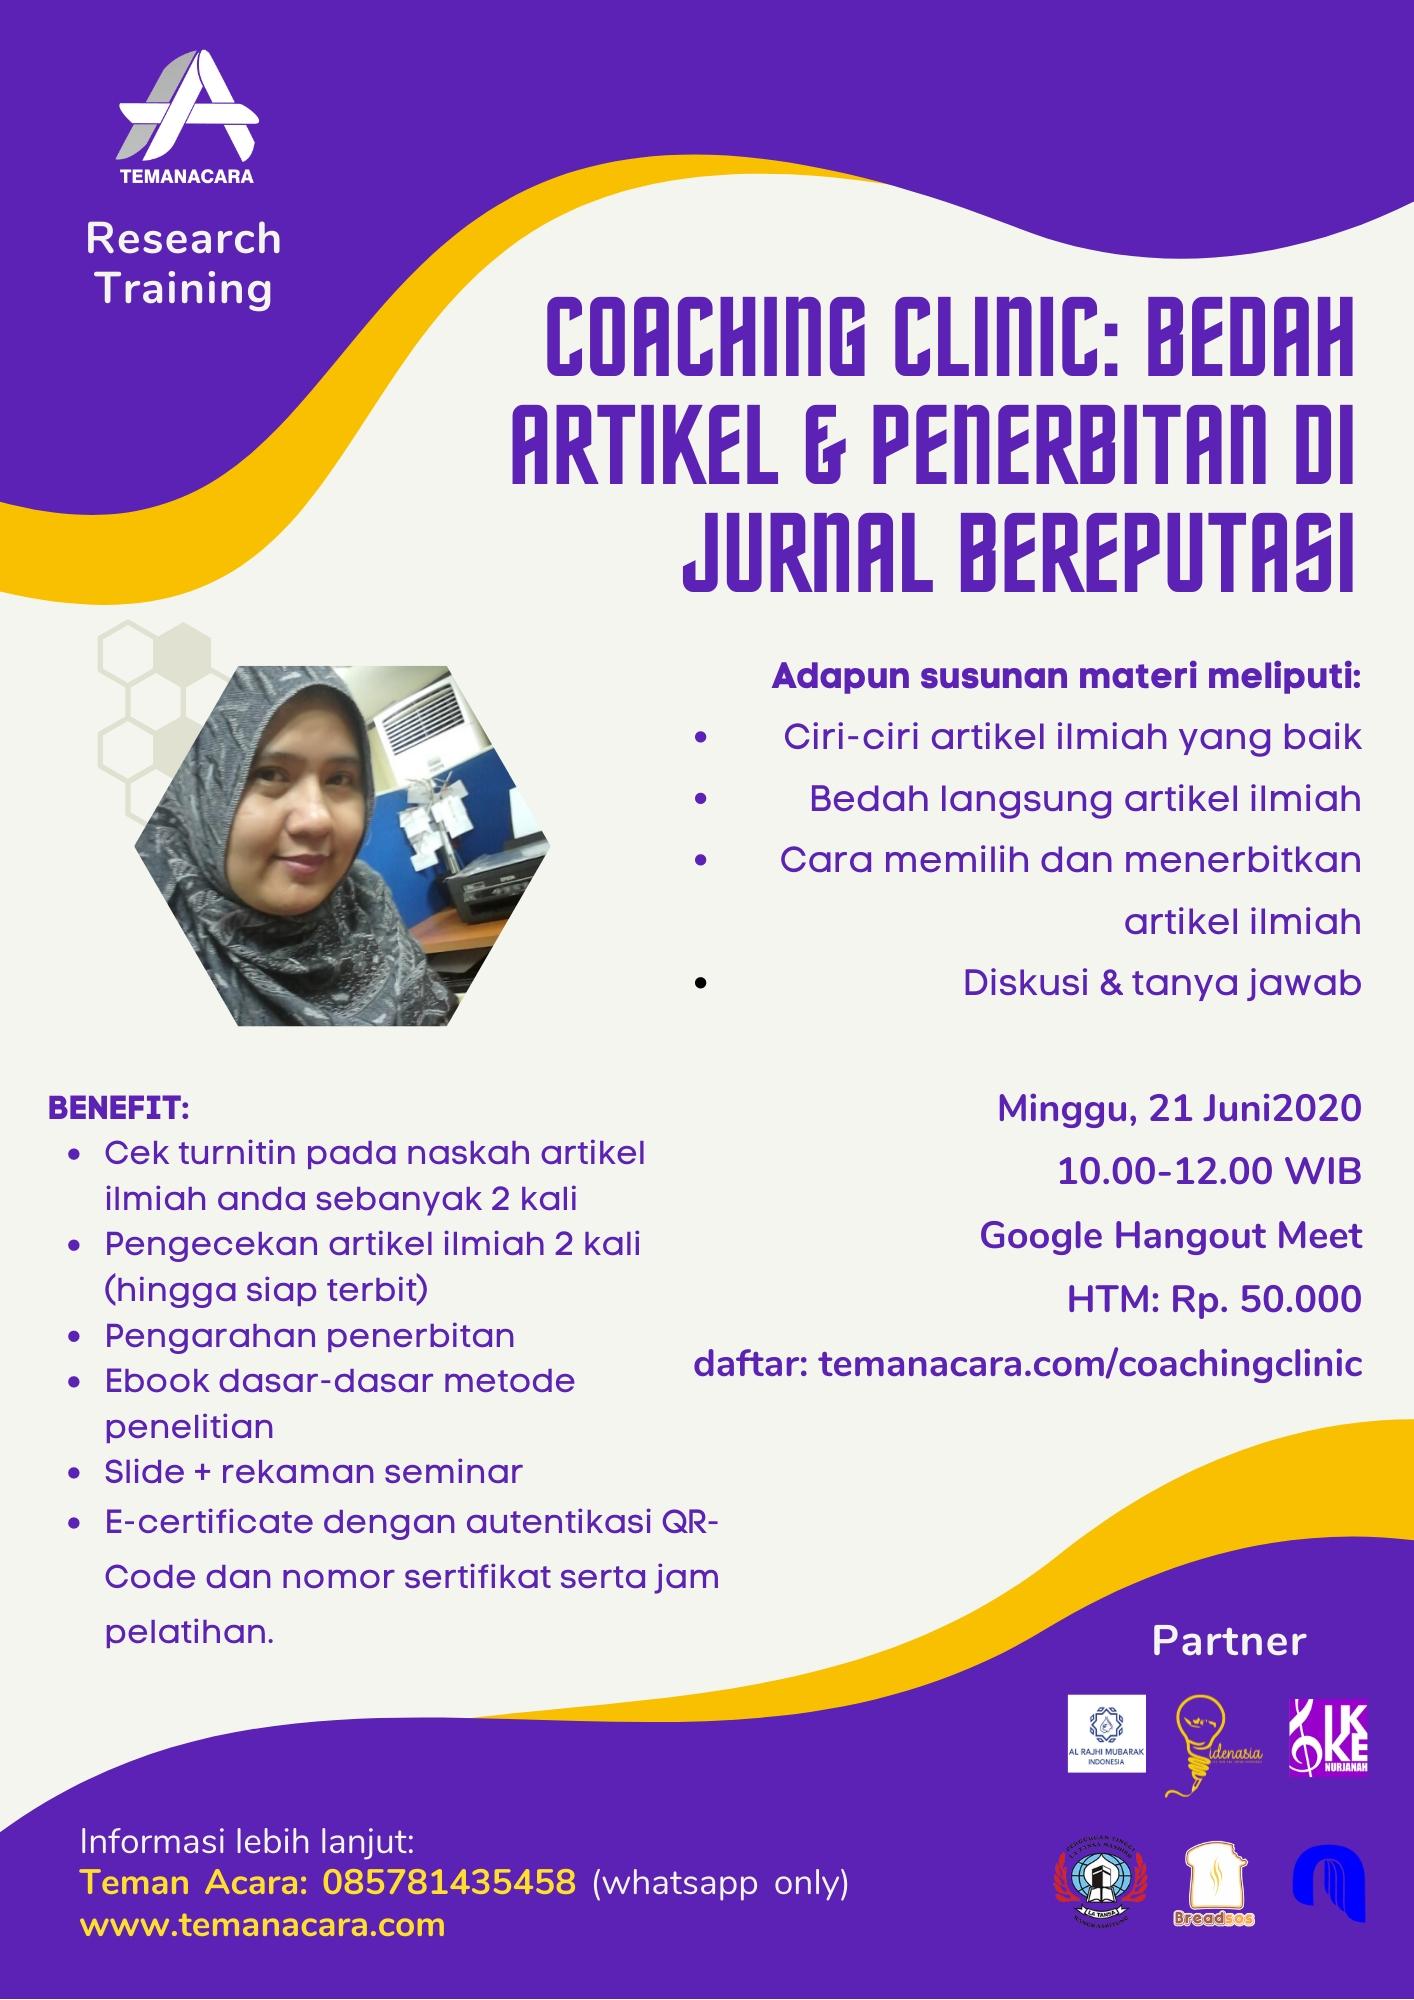 Coaching Clinic Bedah Artikel dan Penerbitan di Jurnal Bereputasi